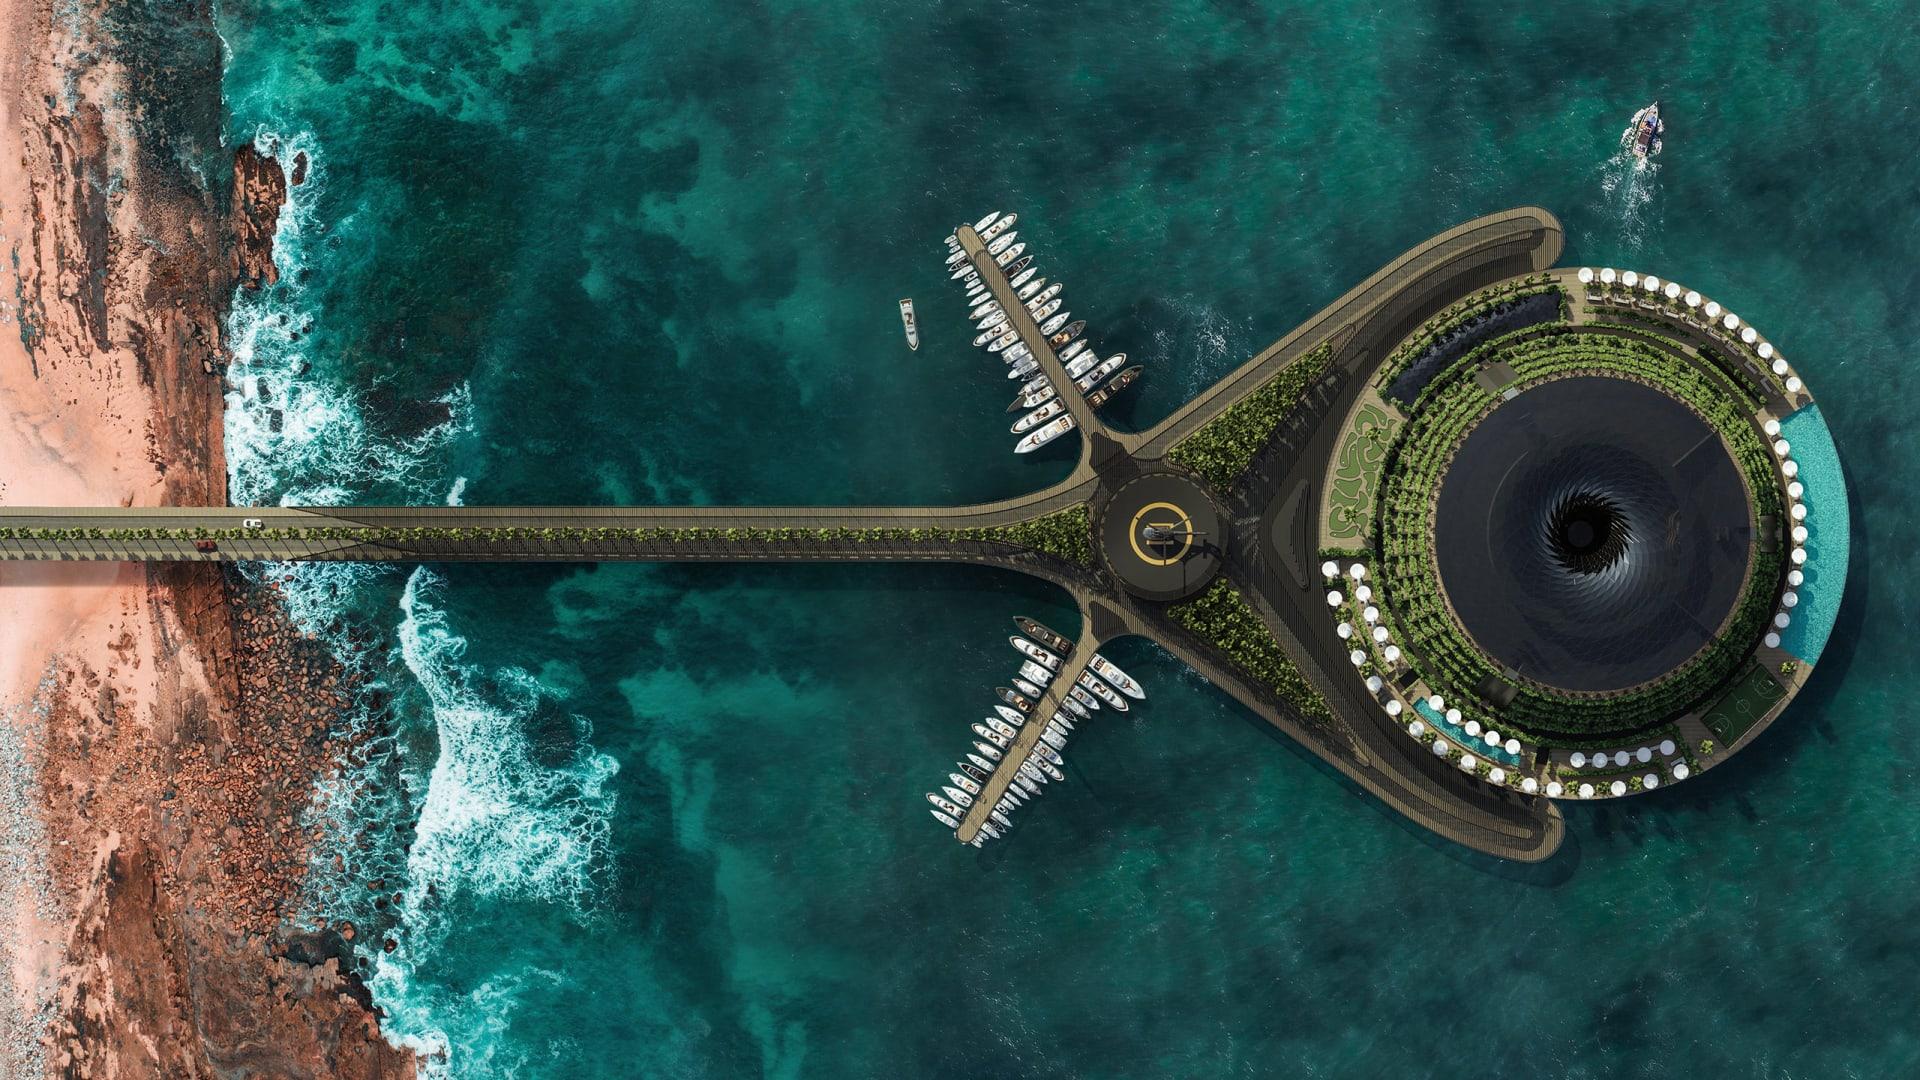 تصميم فندق عائم يولد الكهرباء الخاصة به يخطط لبنائه في قطر